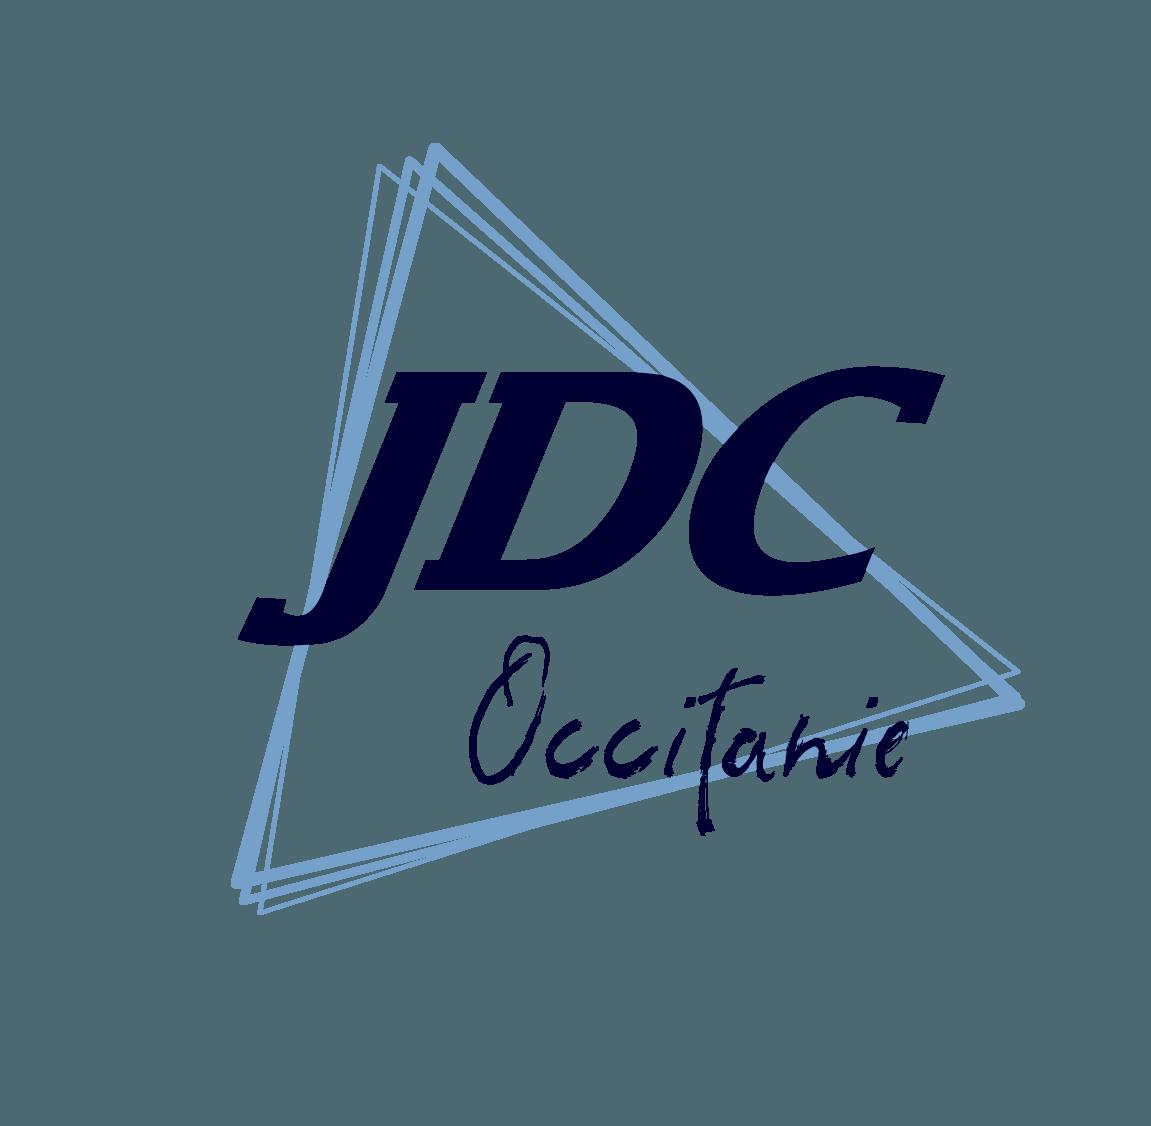 JDC Occitanie